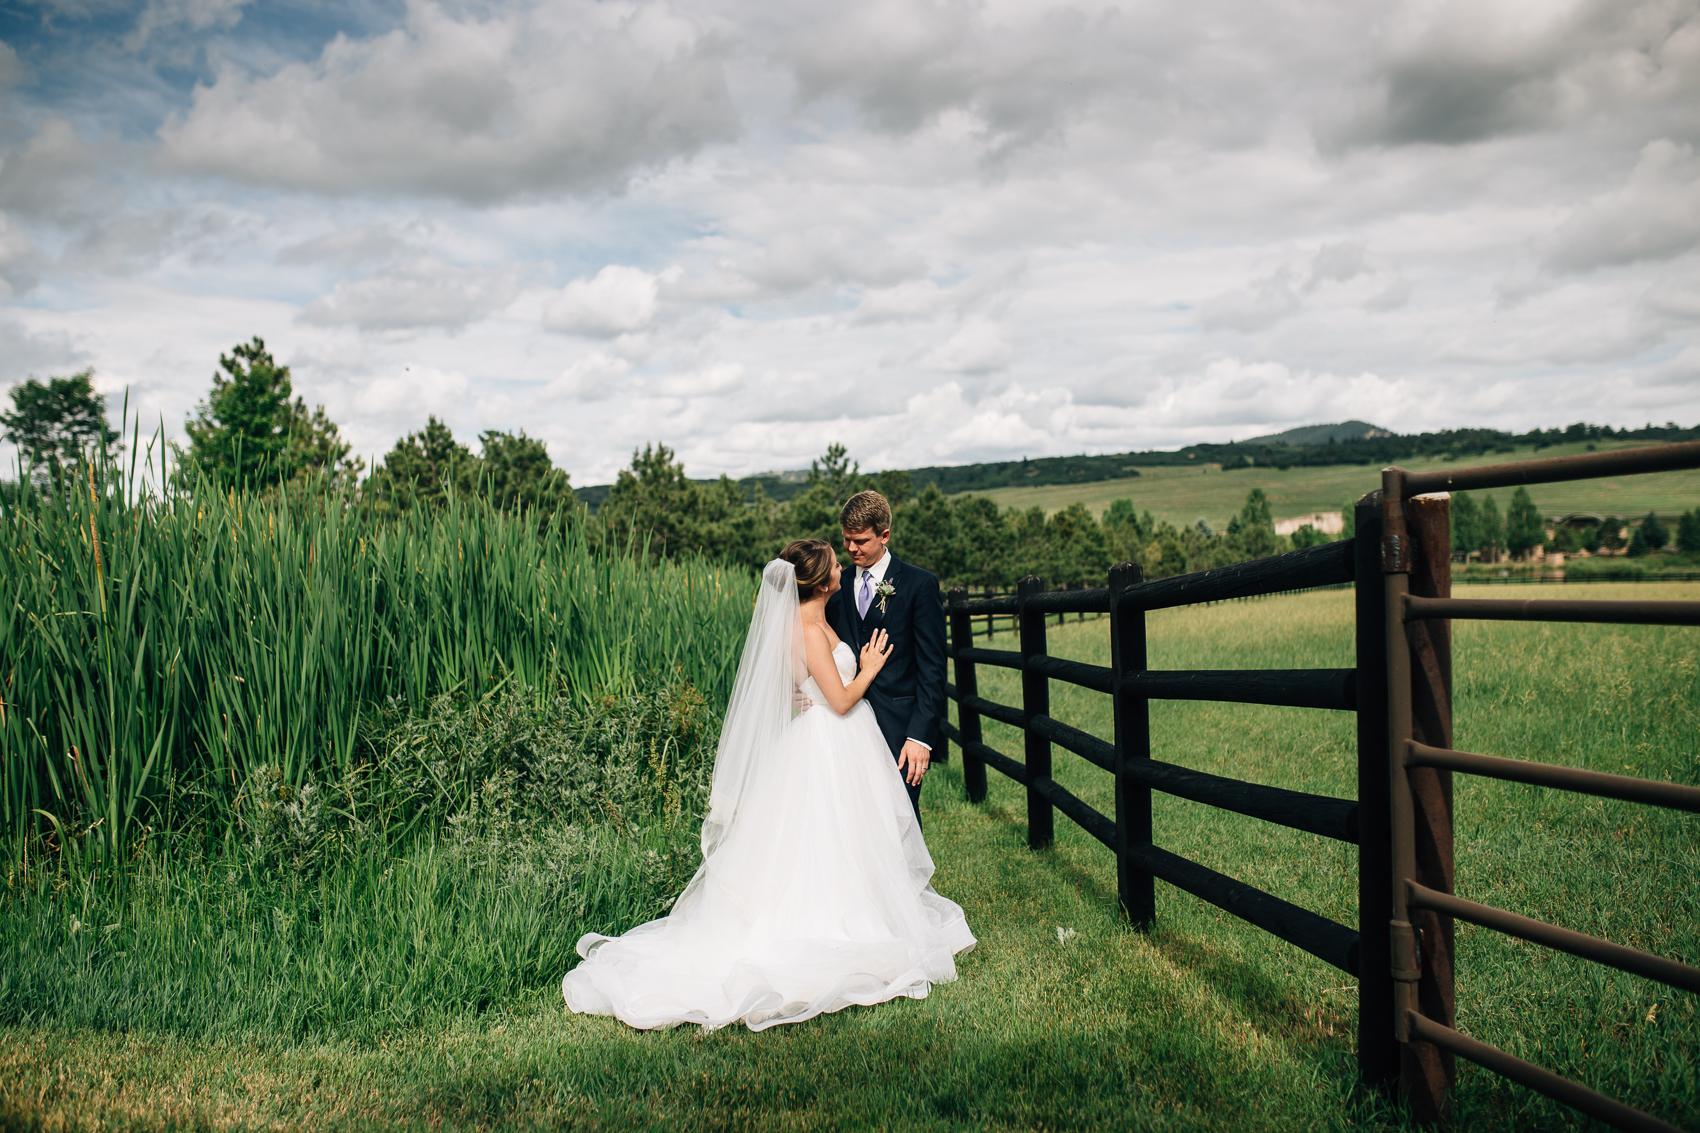 weddings-fth-2.jpg